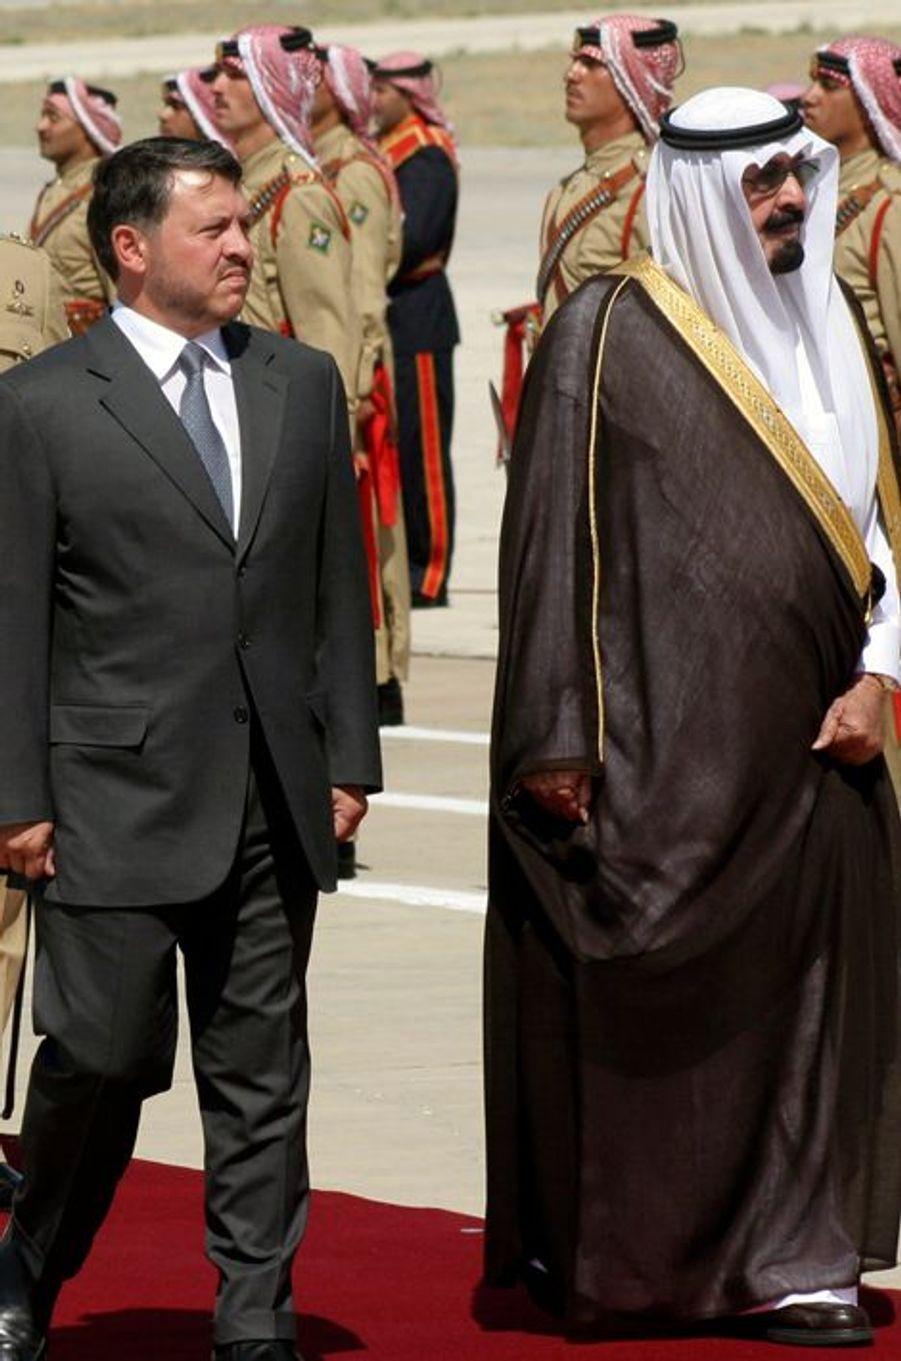 Le roi Abdallah avec le roi Abdallah II de Jordanie à Amman, le 27 juin 2007